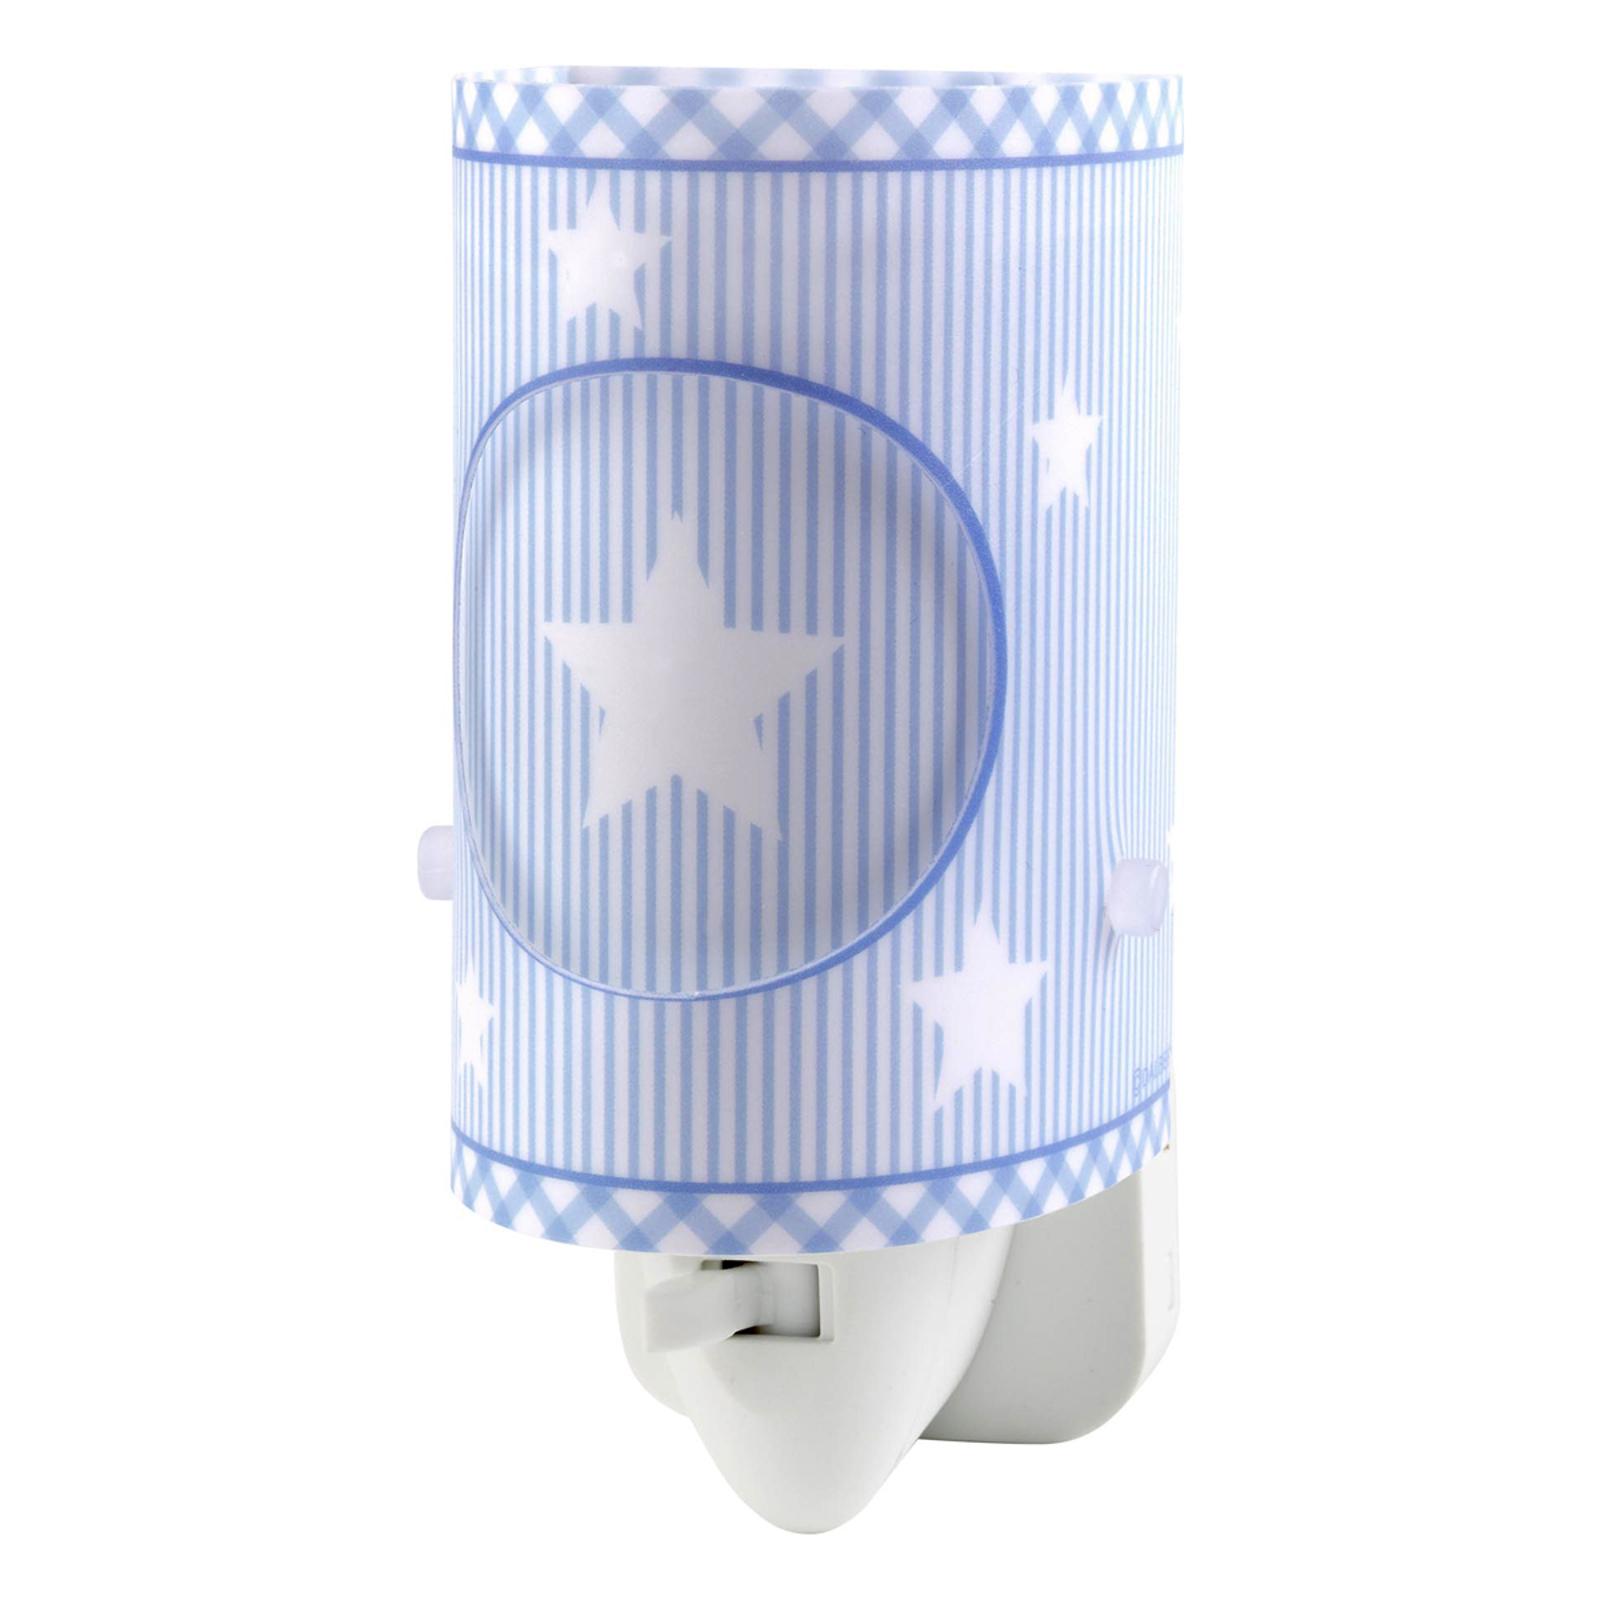 Sweet Dreams - blaues LED-Nachtlicht mit Schalter